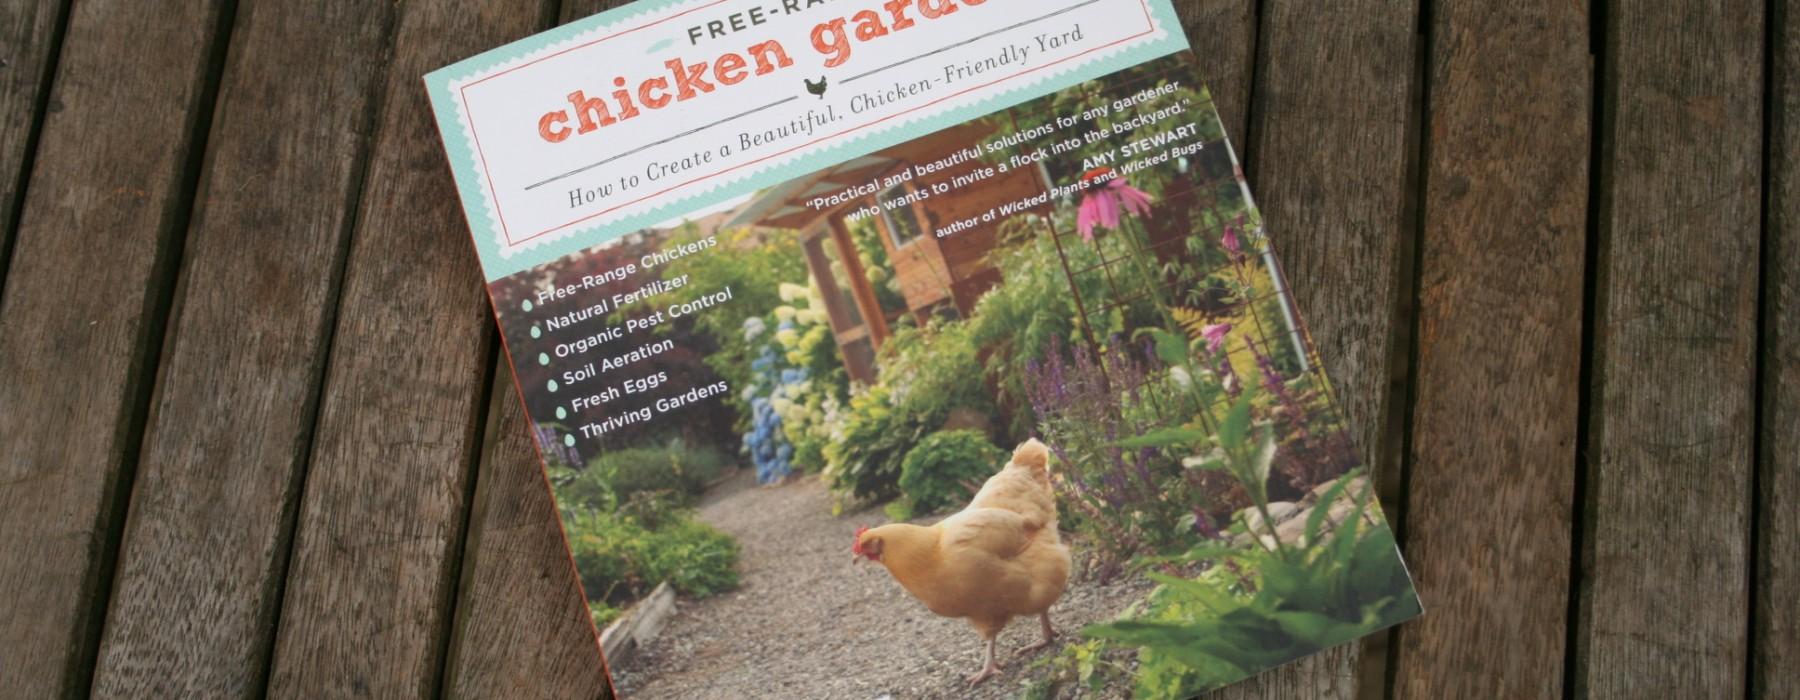 Free-Range Chicken Gardens by Jessi Bloom